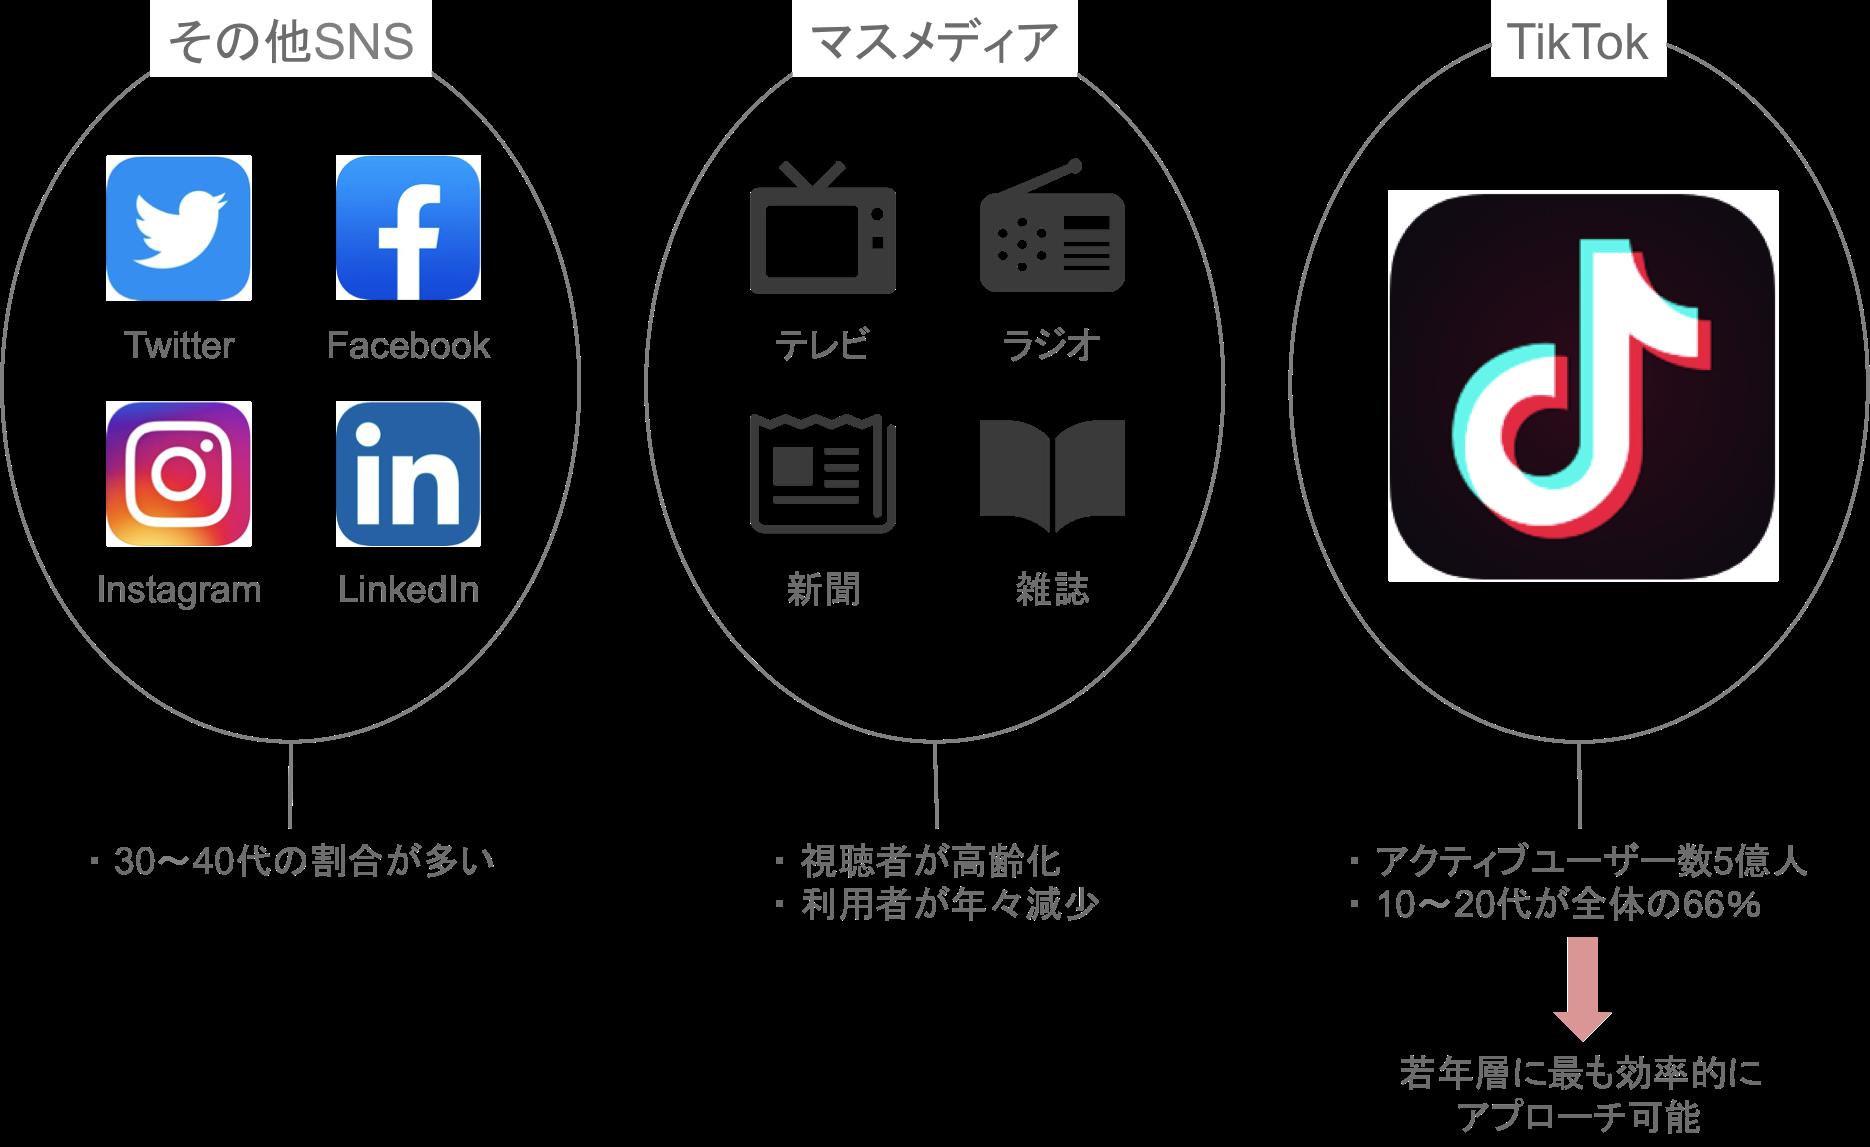 「TikTok」と「その他SNS・マスメディア」のユーザーの比較